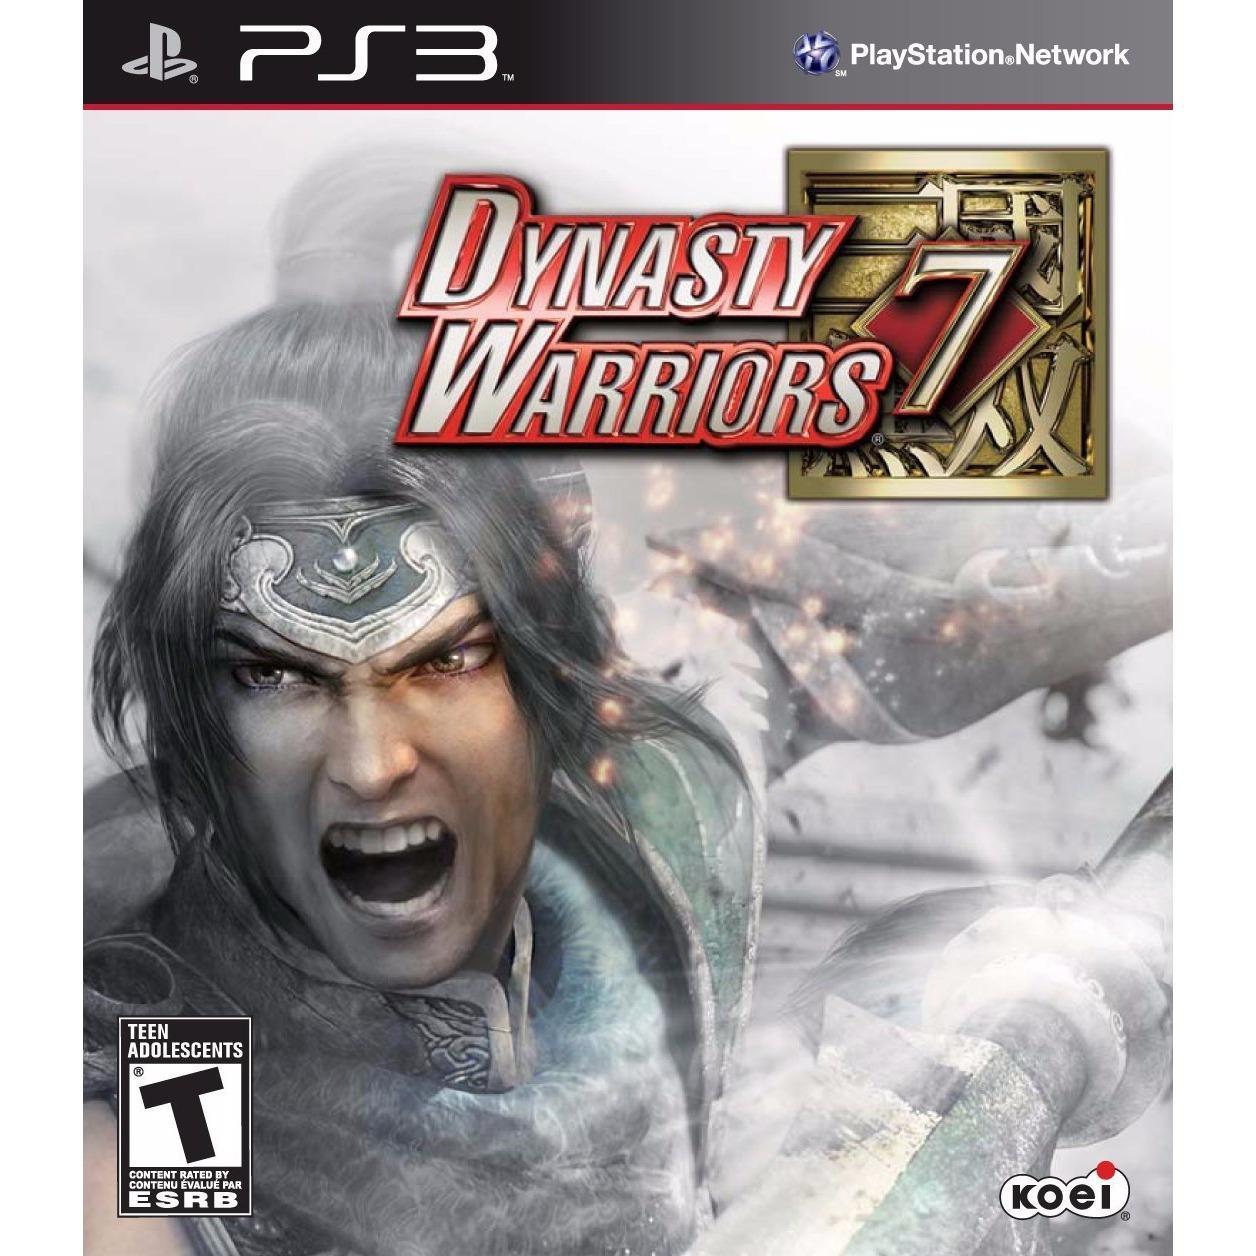 Đĩa game Dynasty Warriors 7 dành cho máy PS3